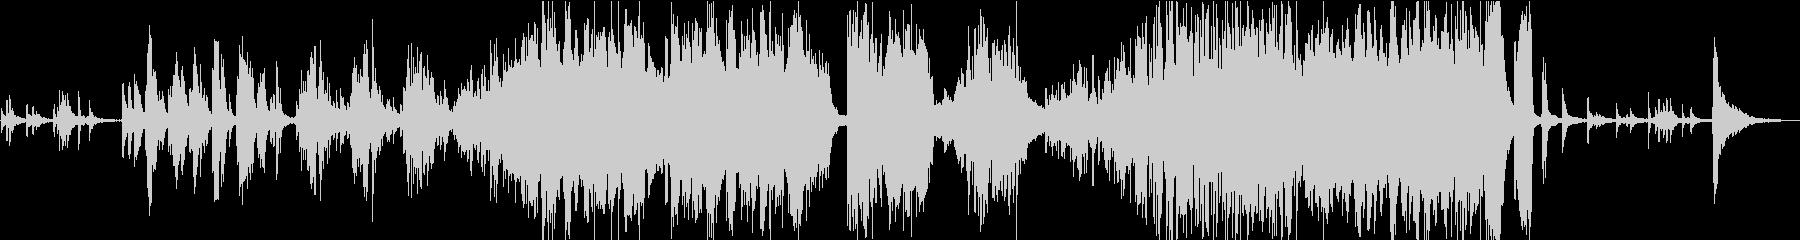 ソロピアノ。時々中世のゲーム。広い...の未再生の波形